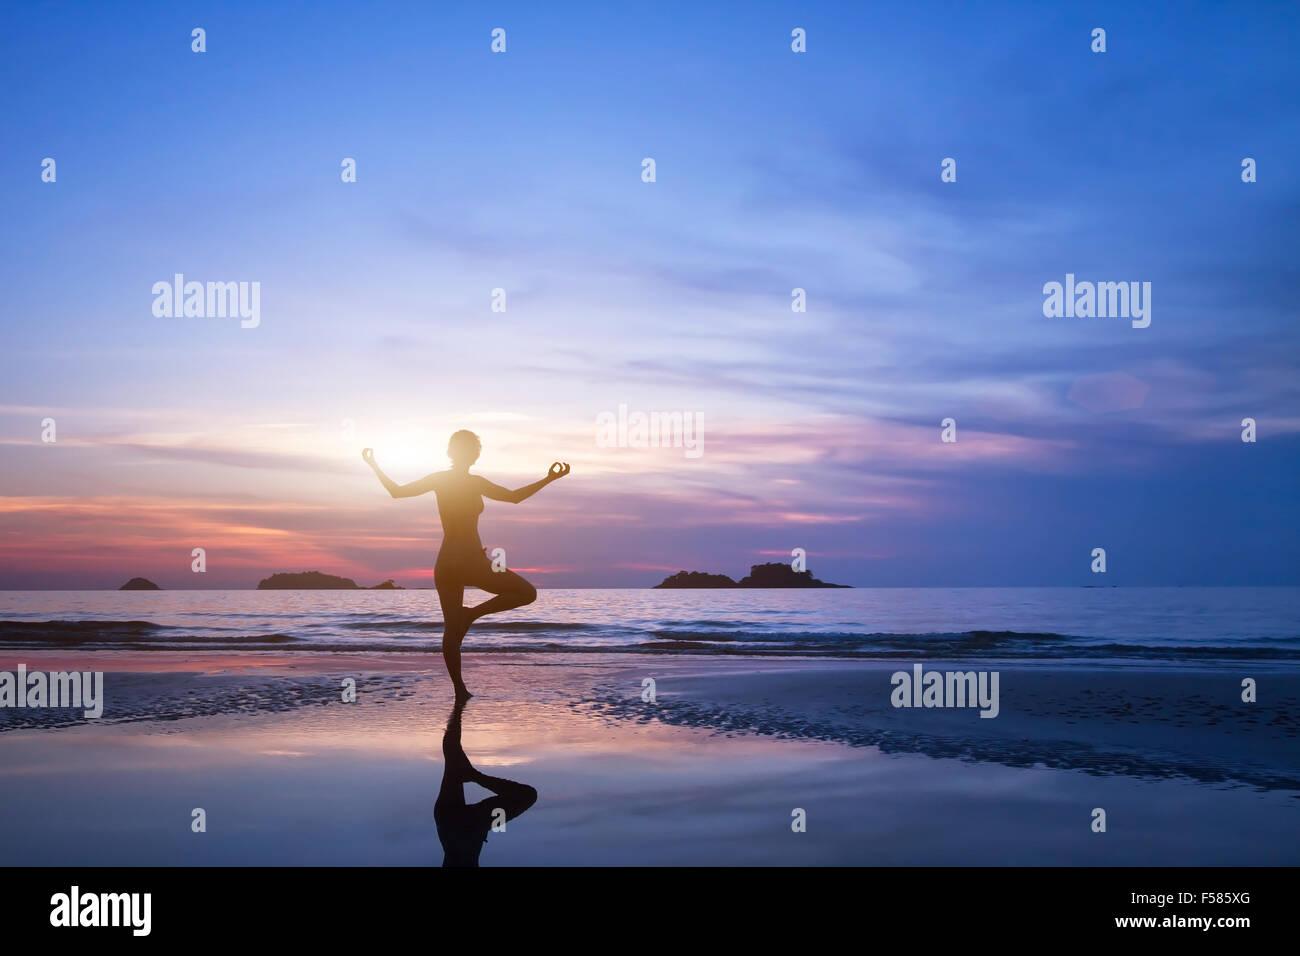 El yoga, la silueta de mujer en la playa Imagen De Stock